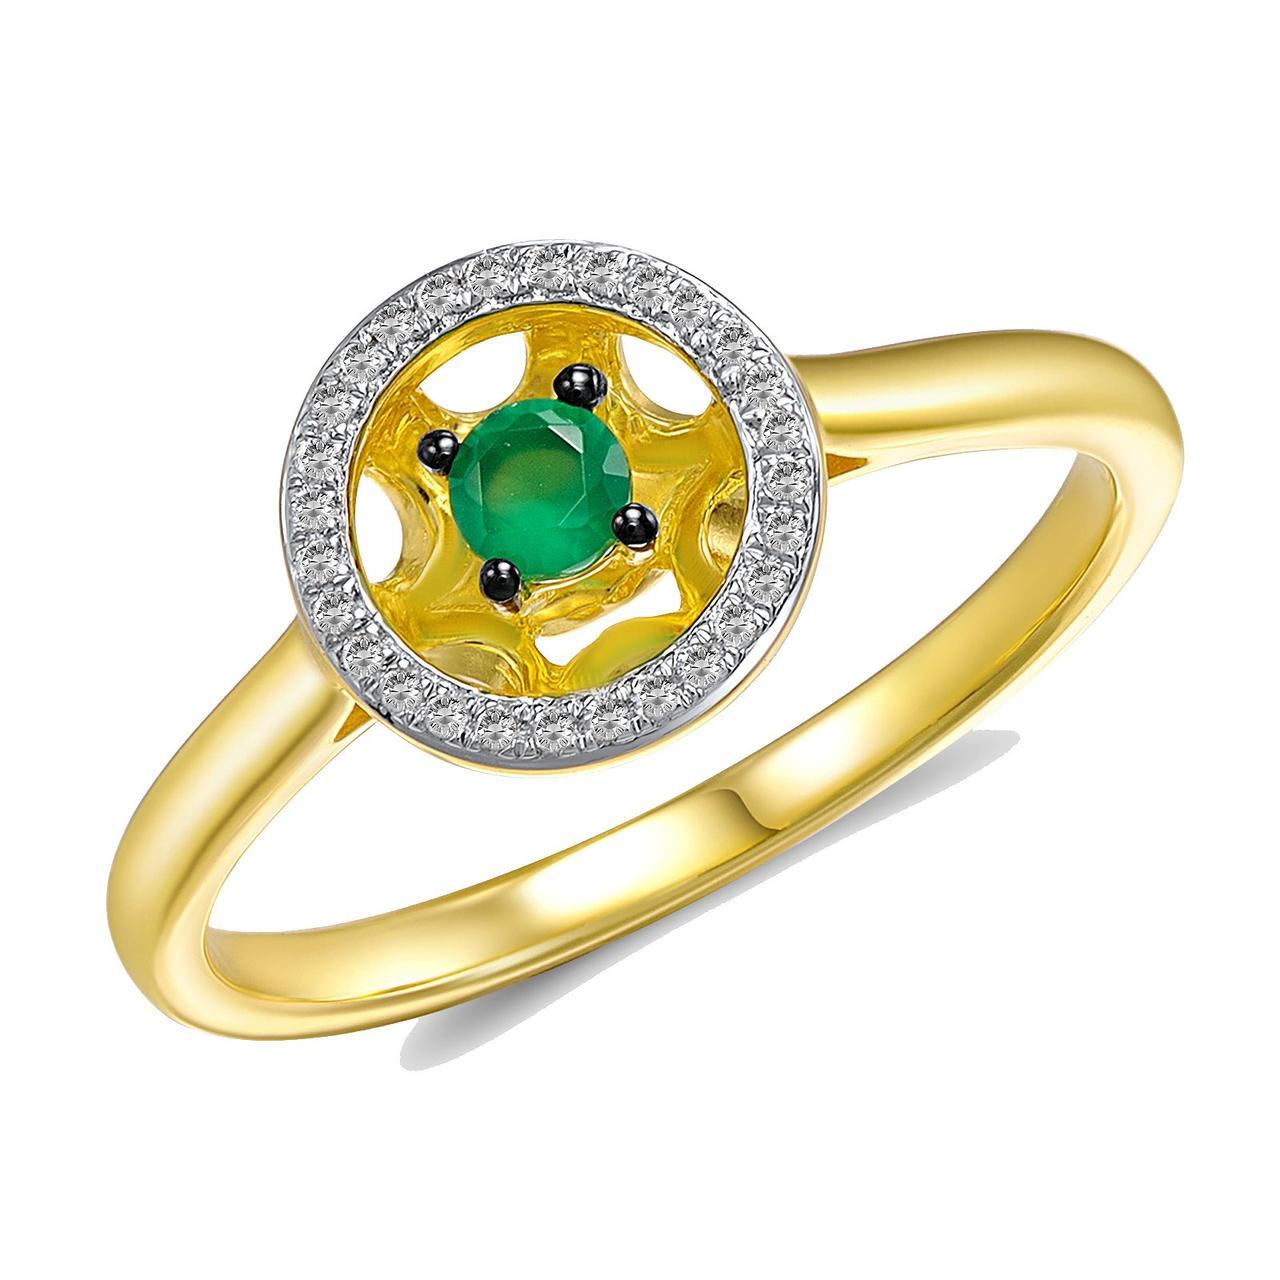 Золотое кольцо с бриллиантами и изумрудом, размер 15.5 (210766)